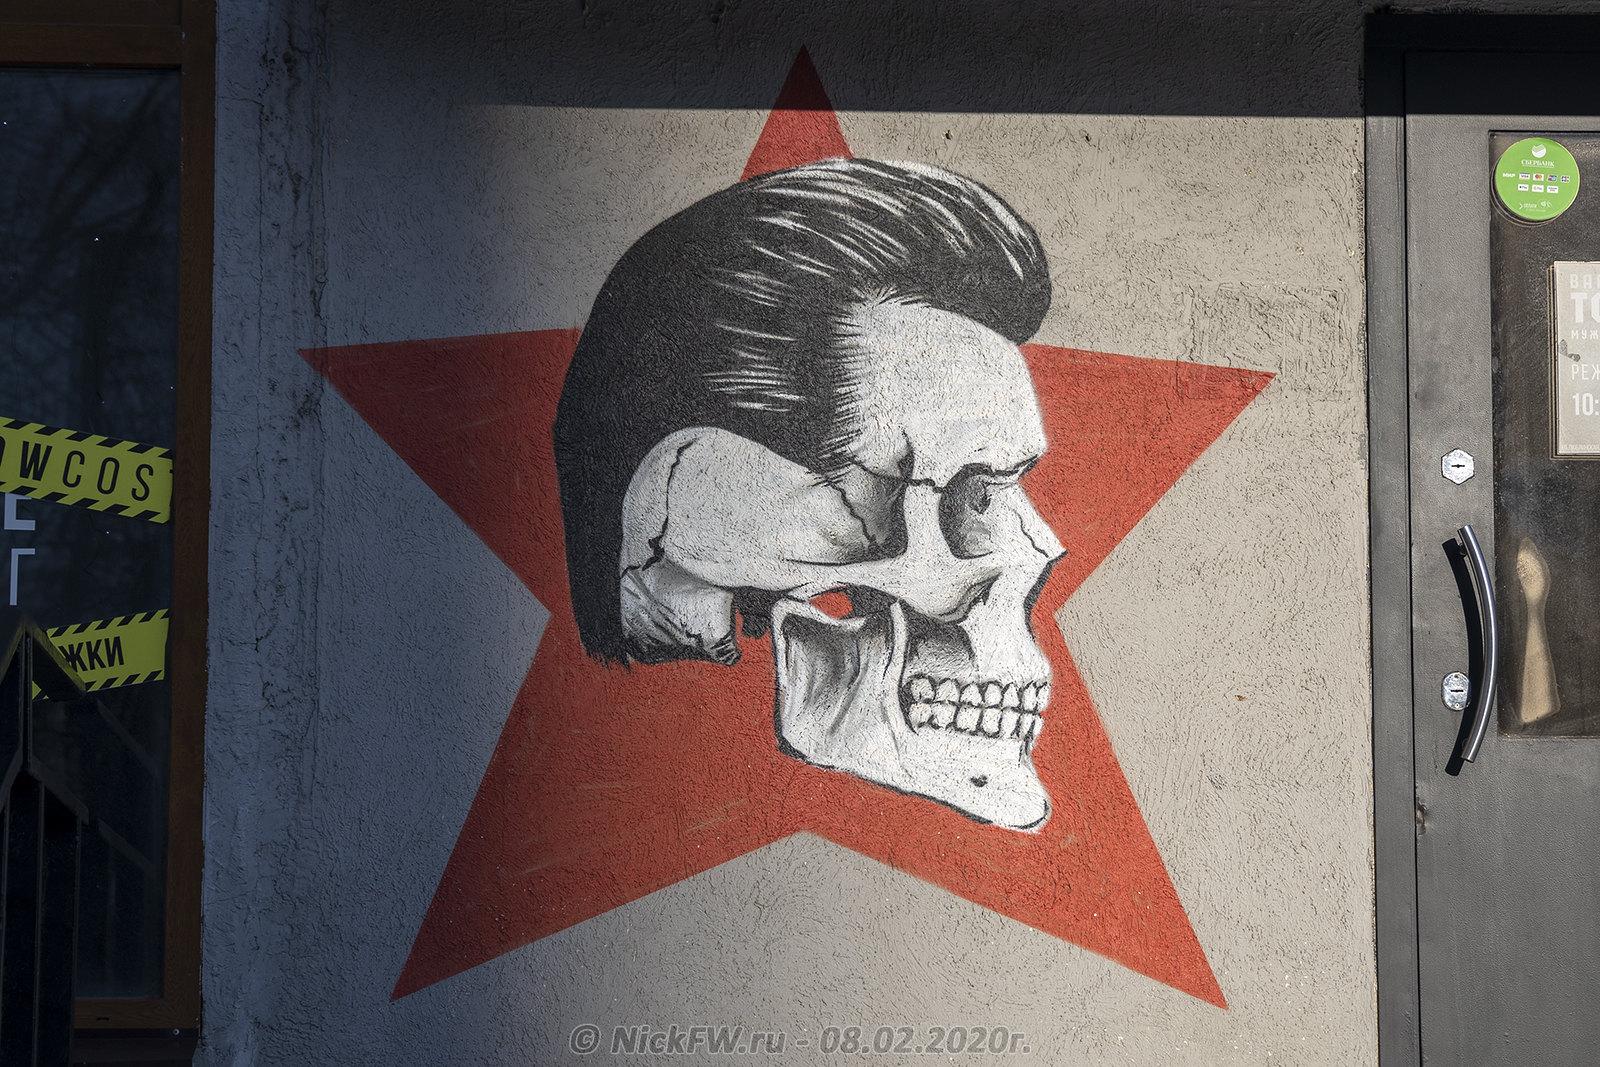 1. Оформление барбершопа в Люблино © NickFW.ru - 08.02.2020г.